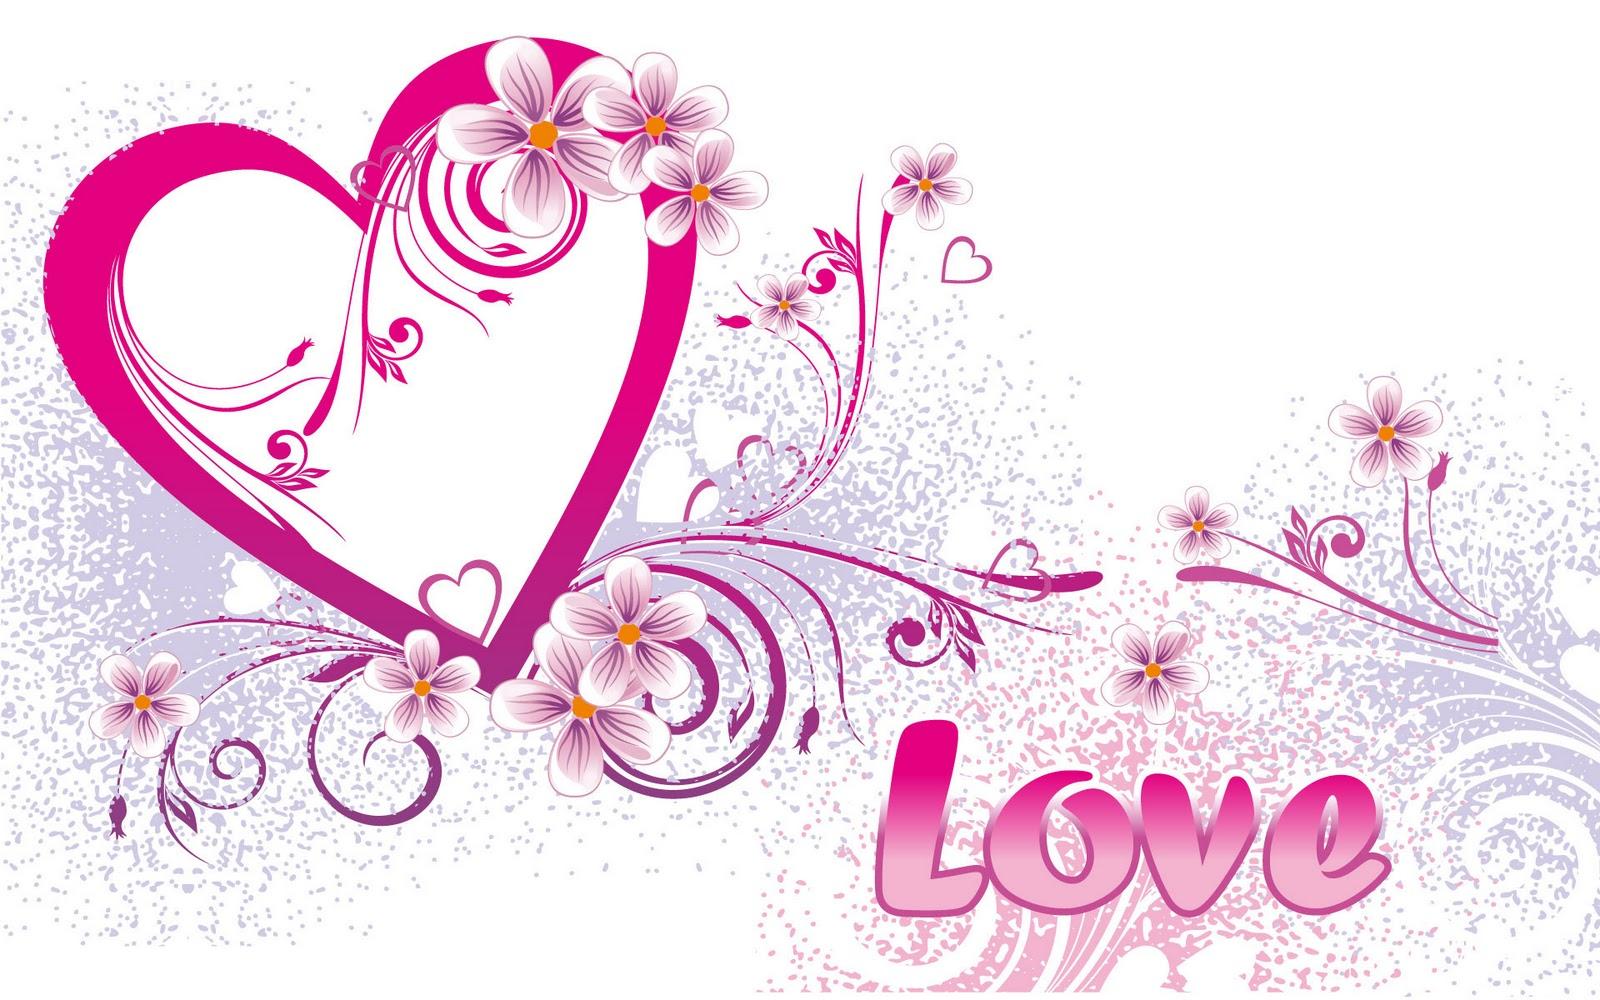 http://2.bp.blogspot.com/-2YHAiUb1Ts4/TnxMEzFiG3I/AAAAAAAABds/QbZUzaD8JMw/s1600/love.jpg